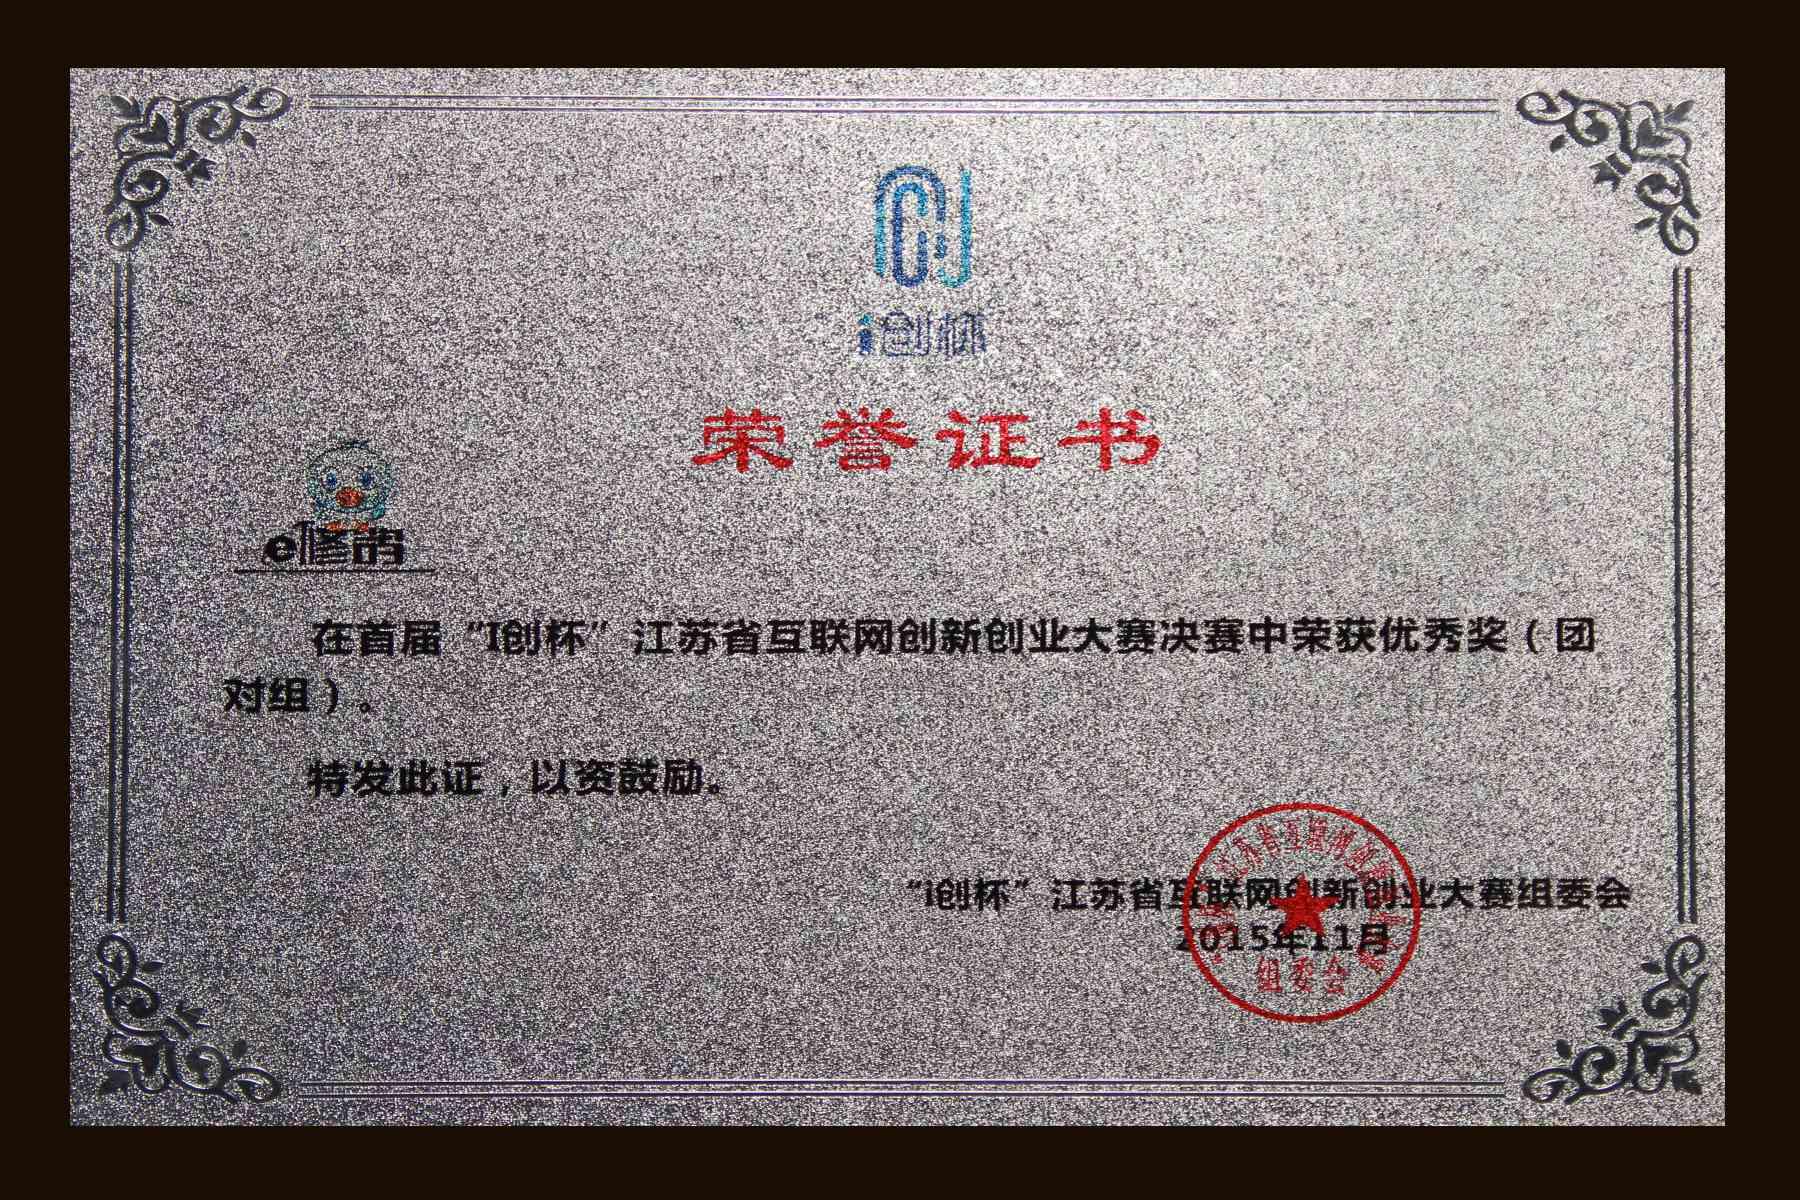 """首届""""I创杯""""江苏省互联网创新创业大赛决赛优秀奖"""